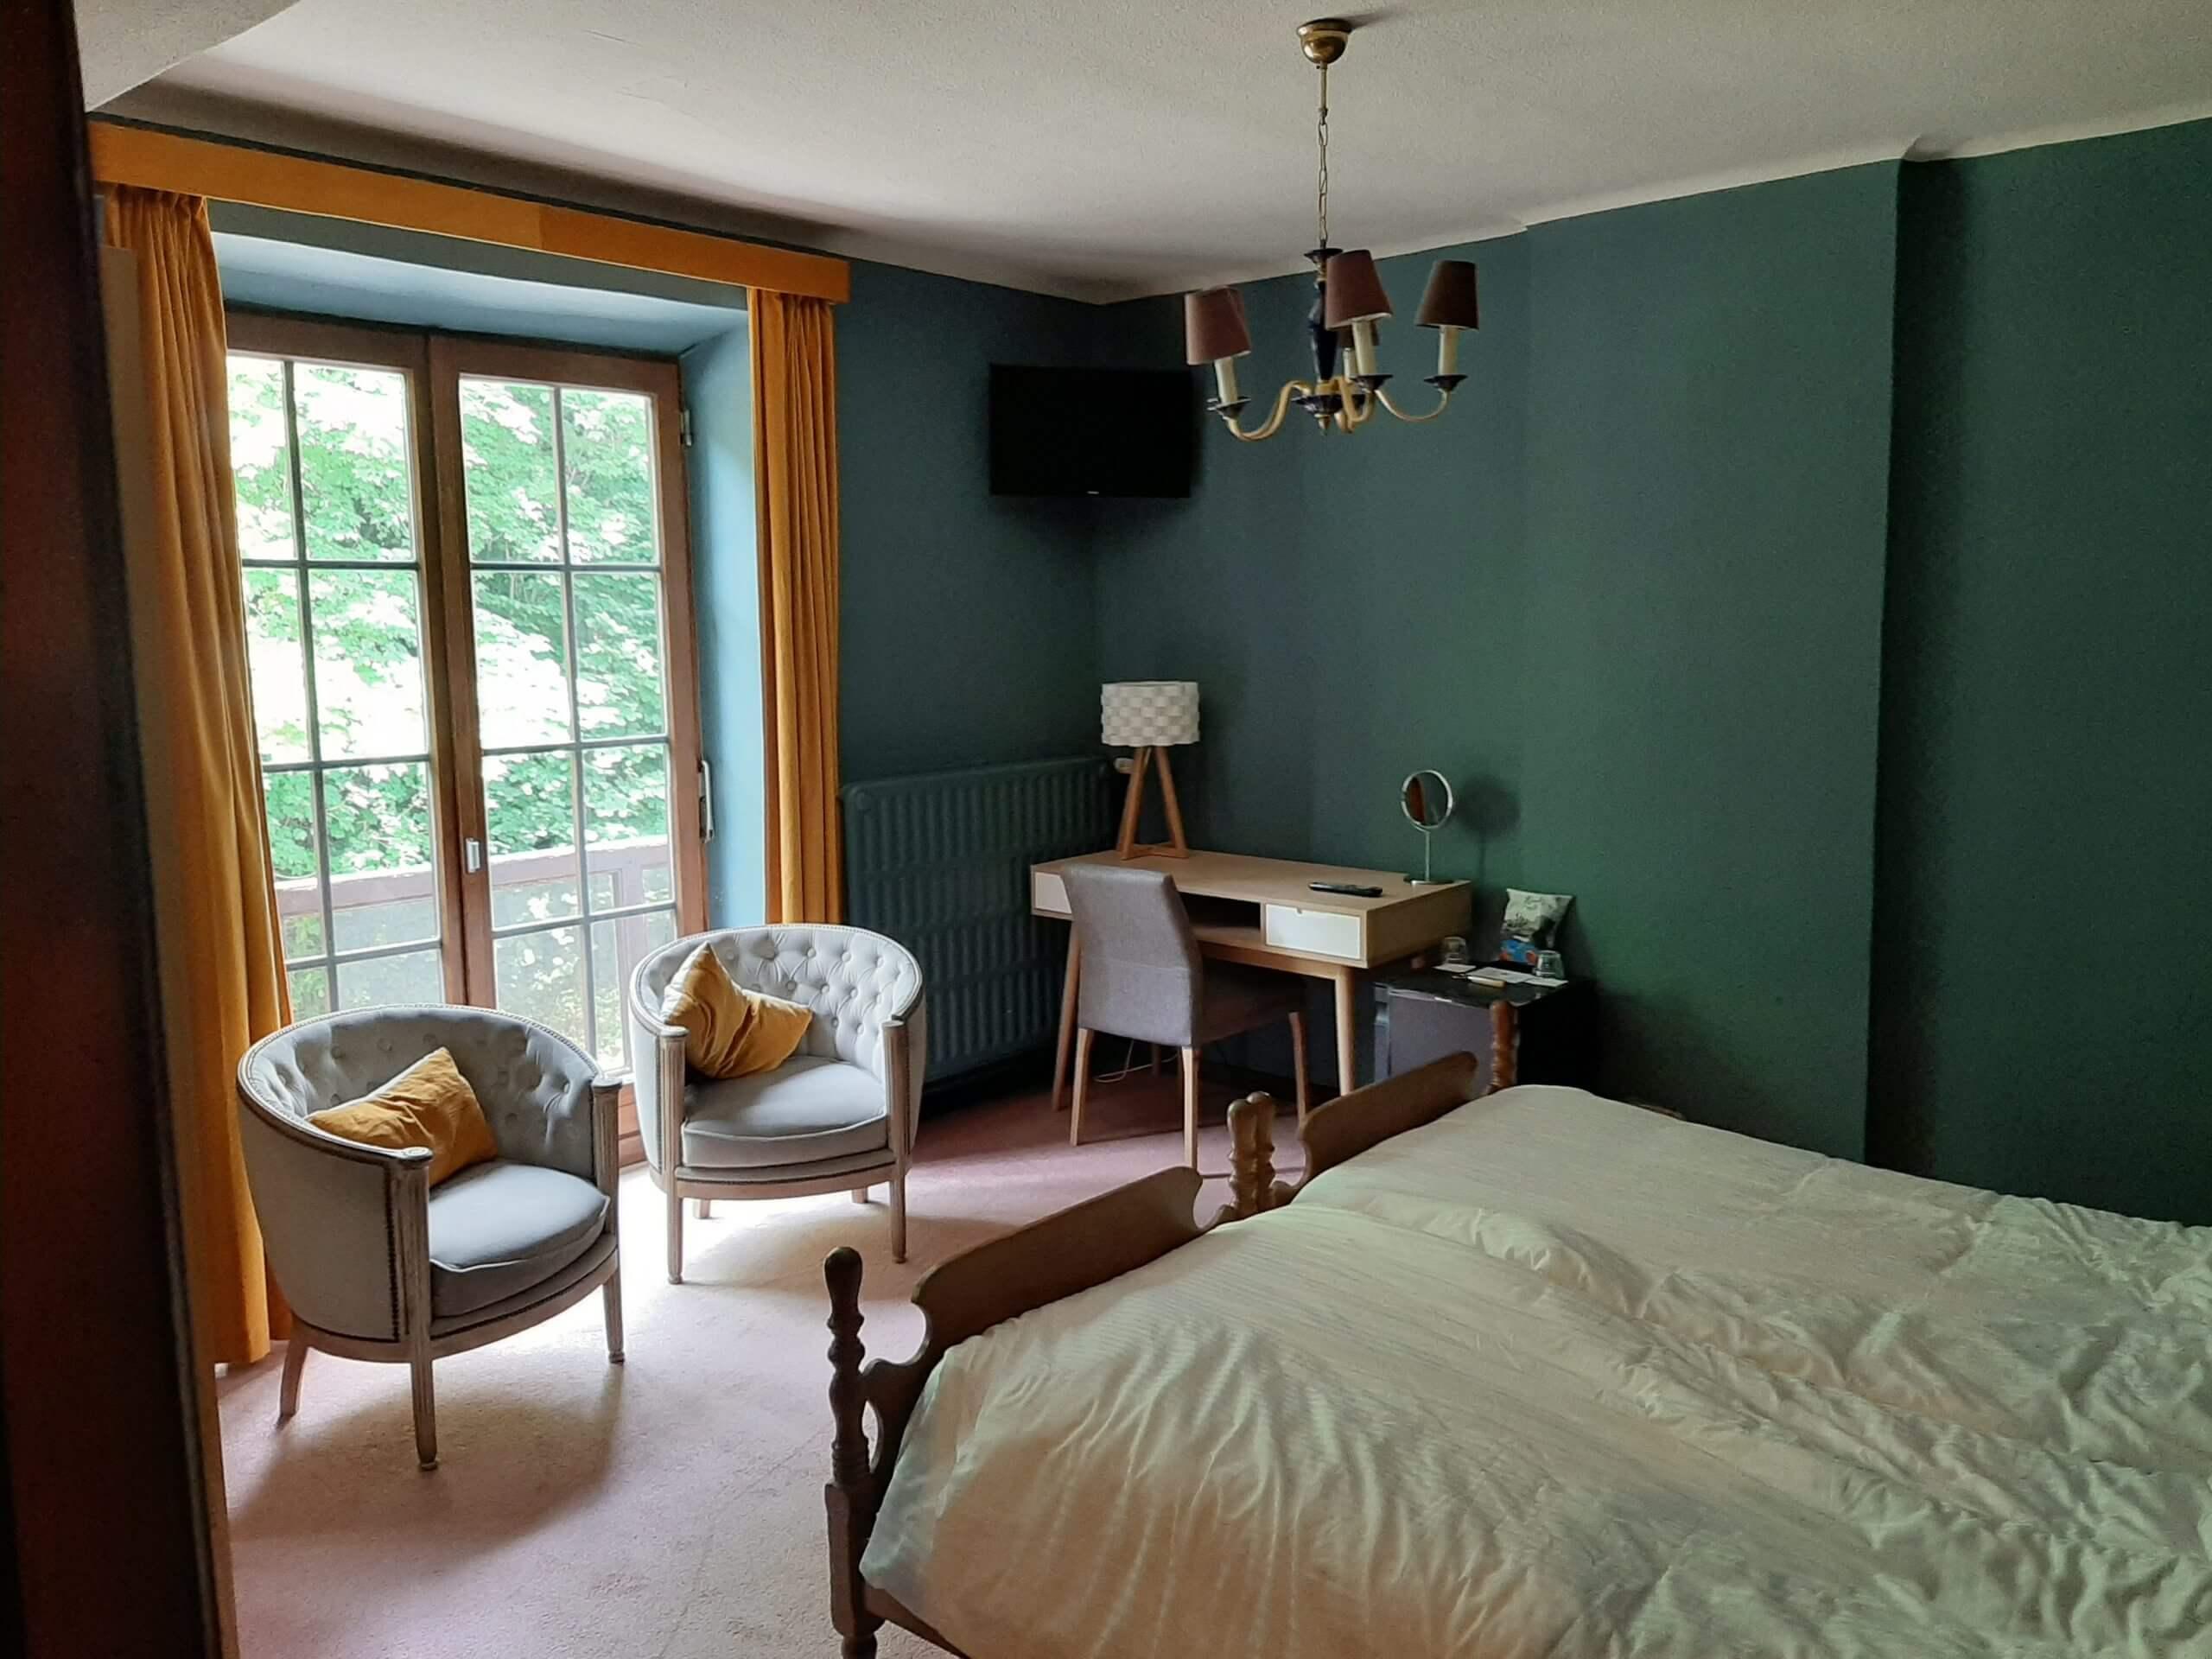 Hostellerie la Claire Fontaine La Roche-en-Ardenne room 2